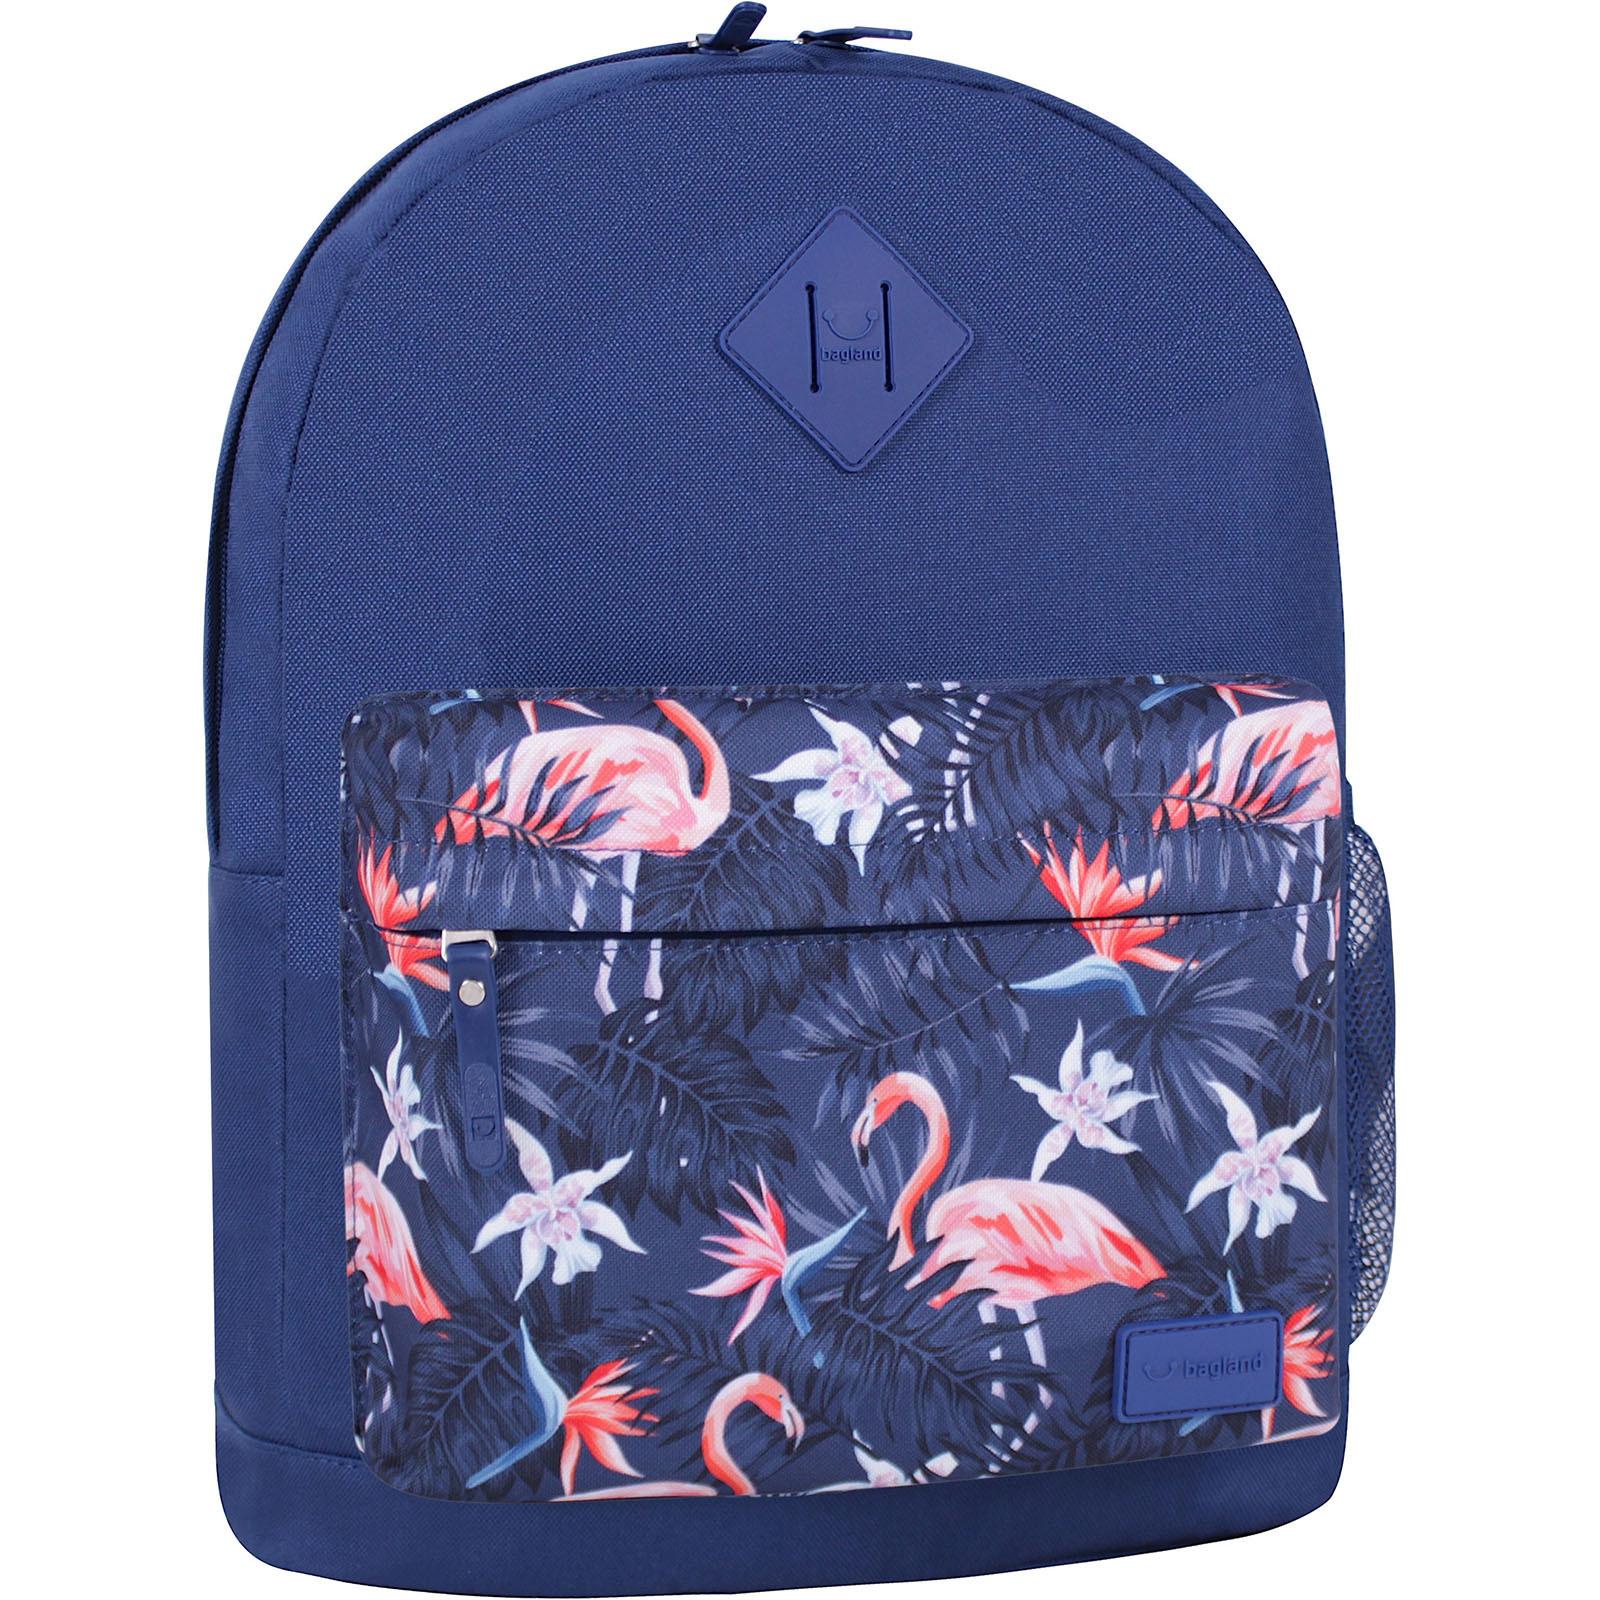 Молодежные рюкзаки Рюкзак Bagland Молодежный W/R 17 л. Синий 762 (00533662) IMG_6552_суб.762_-1600.jpg